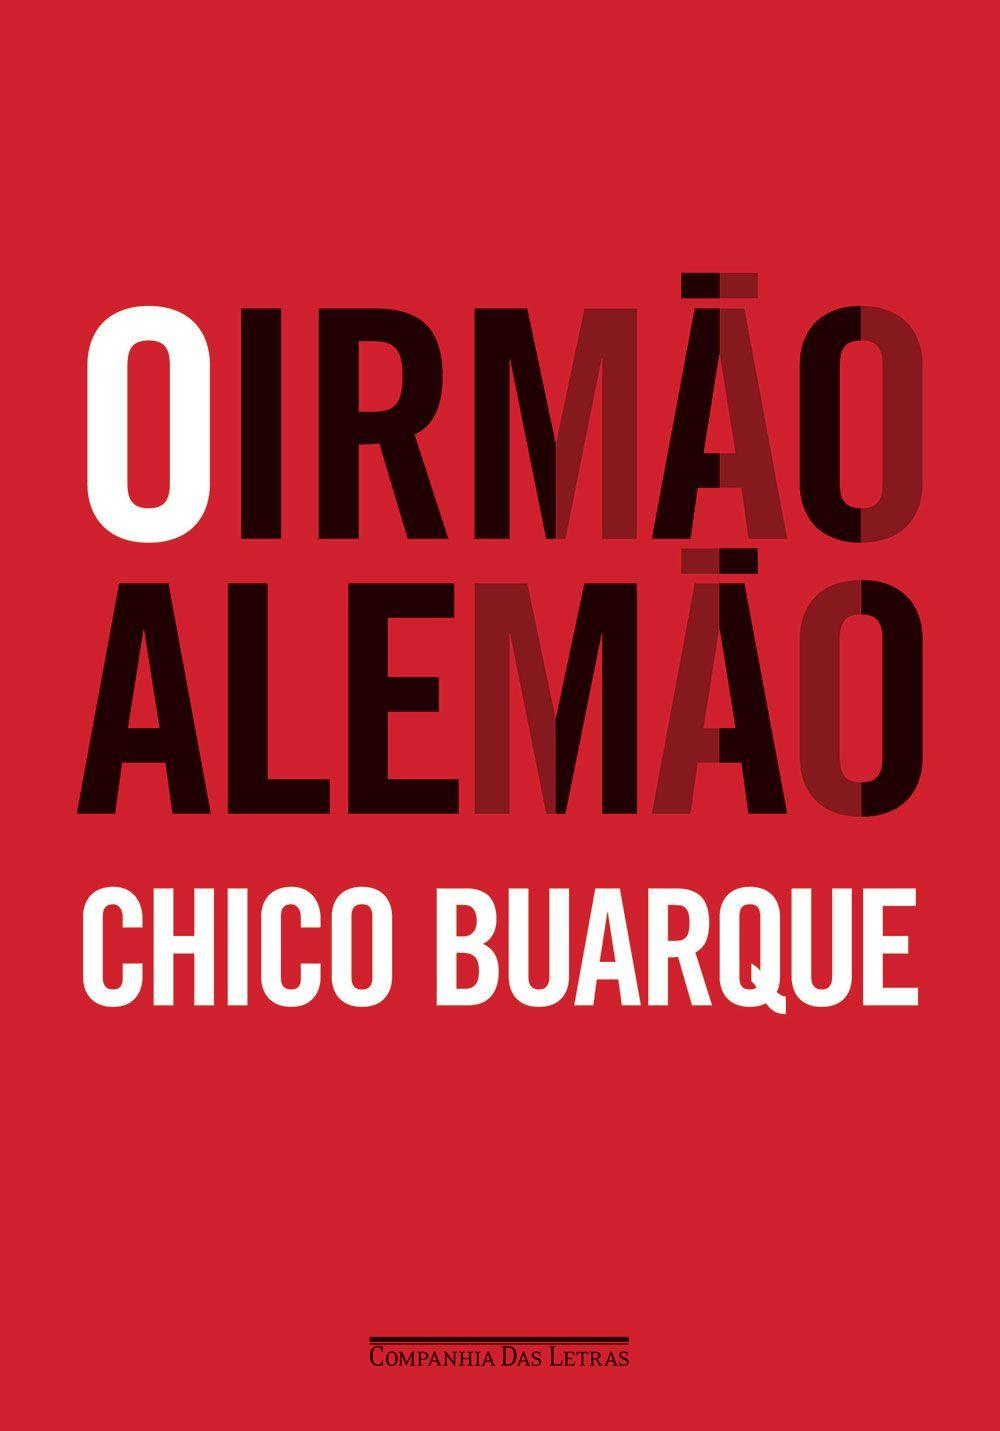 Baixar-Livro-O-Irmao-Alemao-Chico-Buarque-em-PDF-ePub-e-mobi